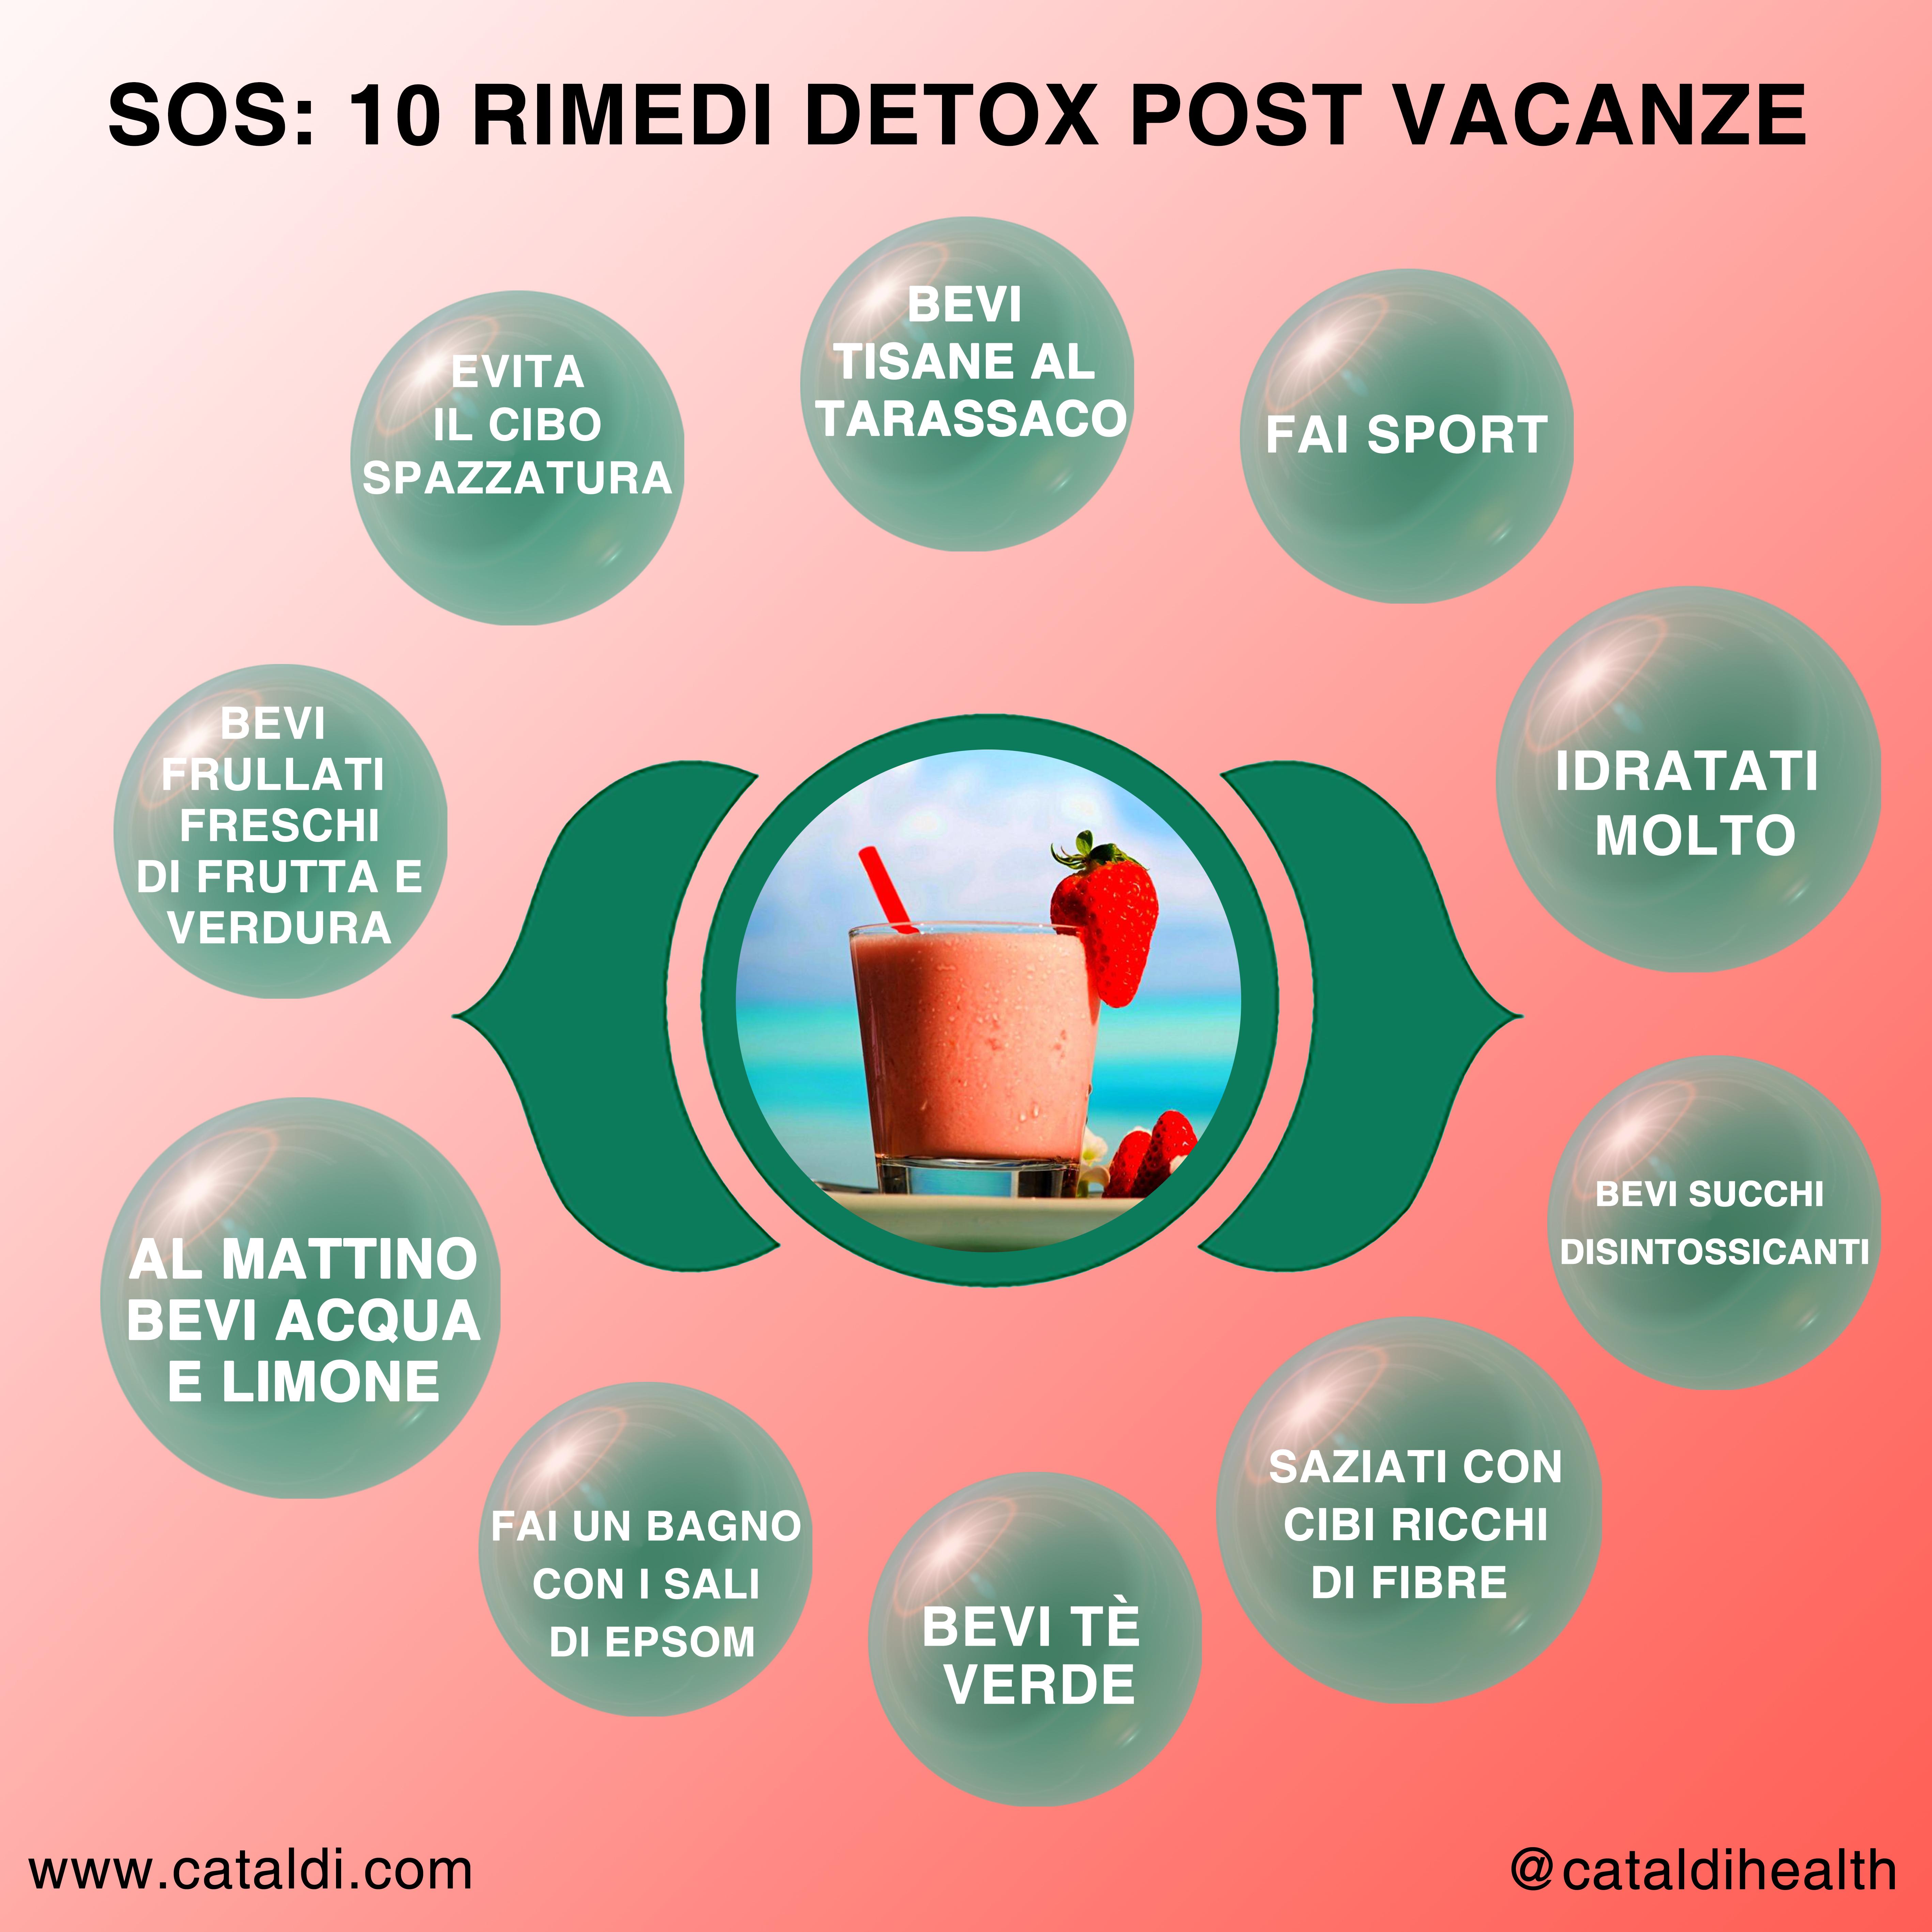 Rimedi detox schema con tutti i rimedi post vacanza